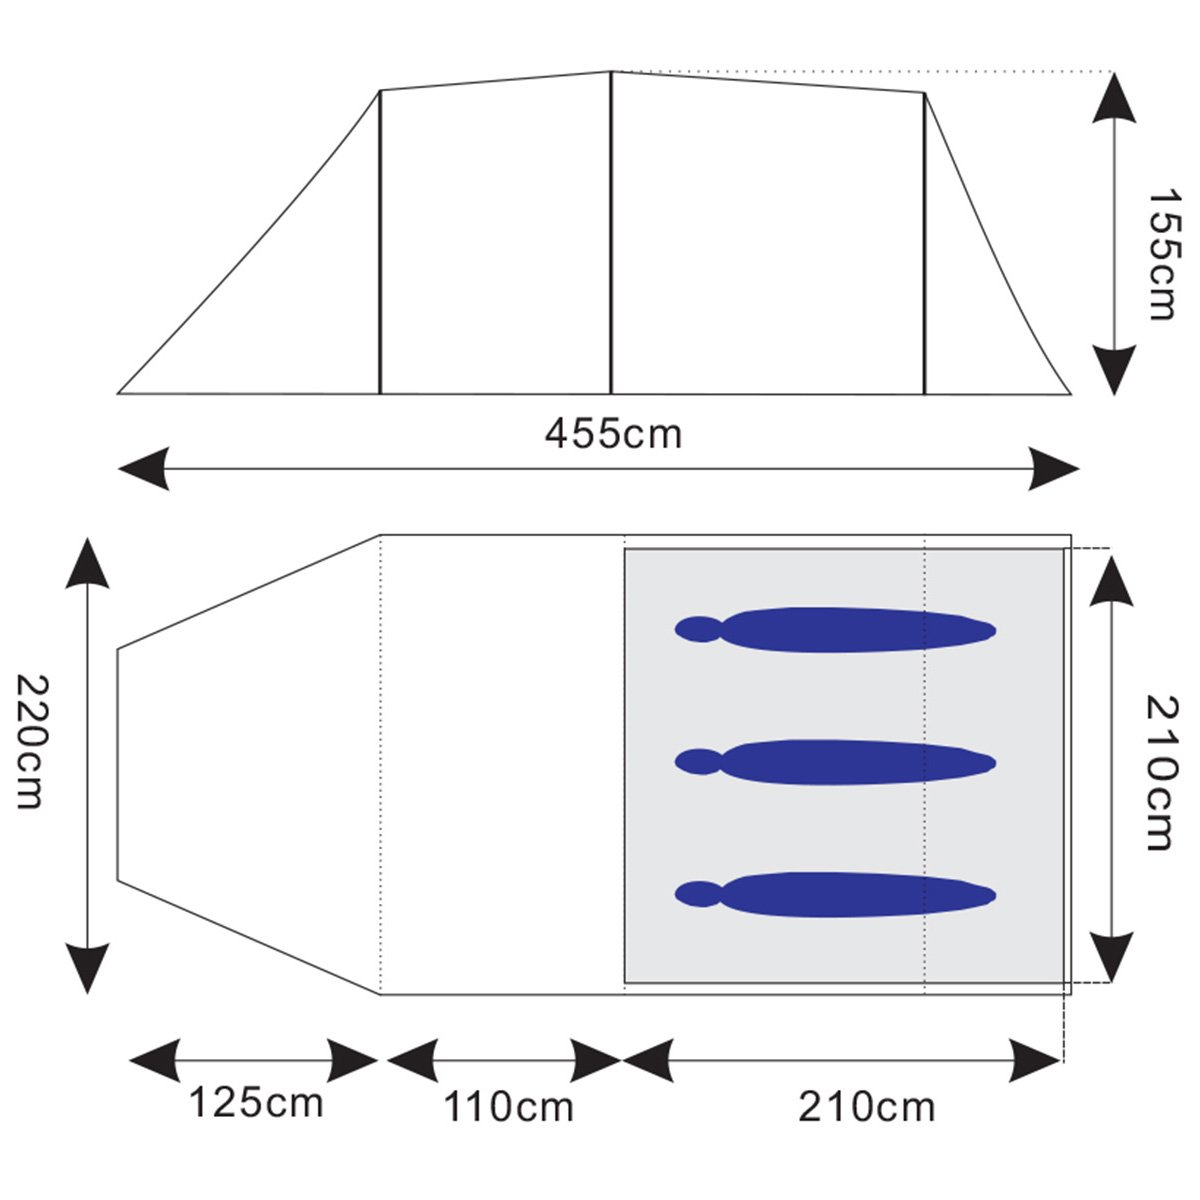 Skandika Fauske 3 Wassersäule Personen Trekking-Zelt 3000mm Wassersäule 3 2d0ca4